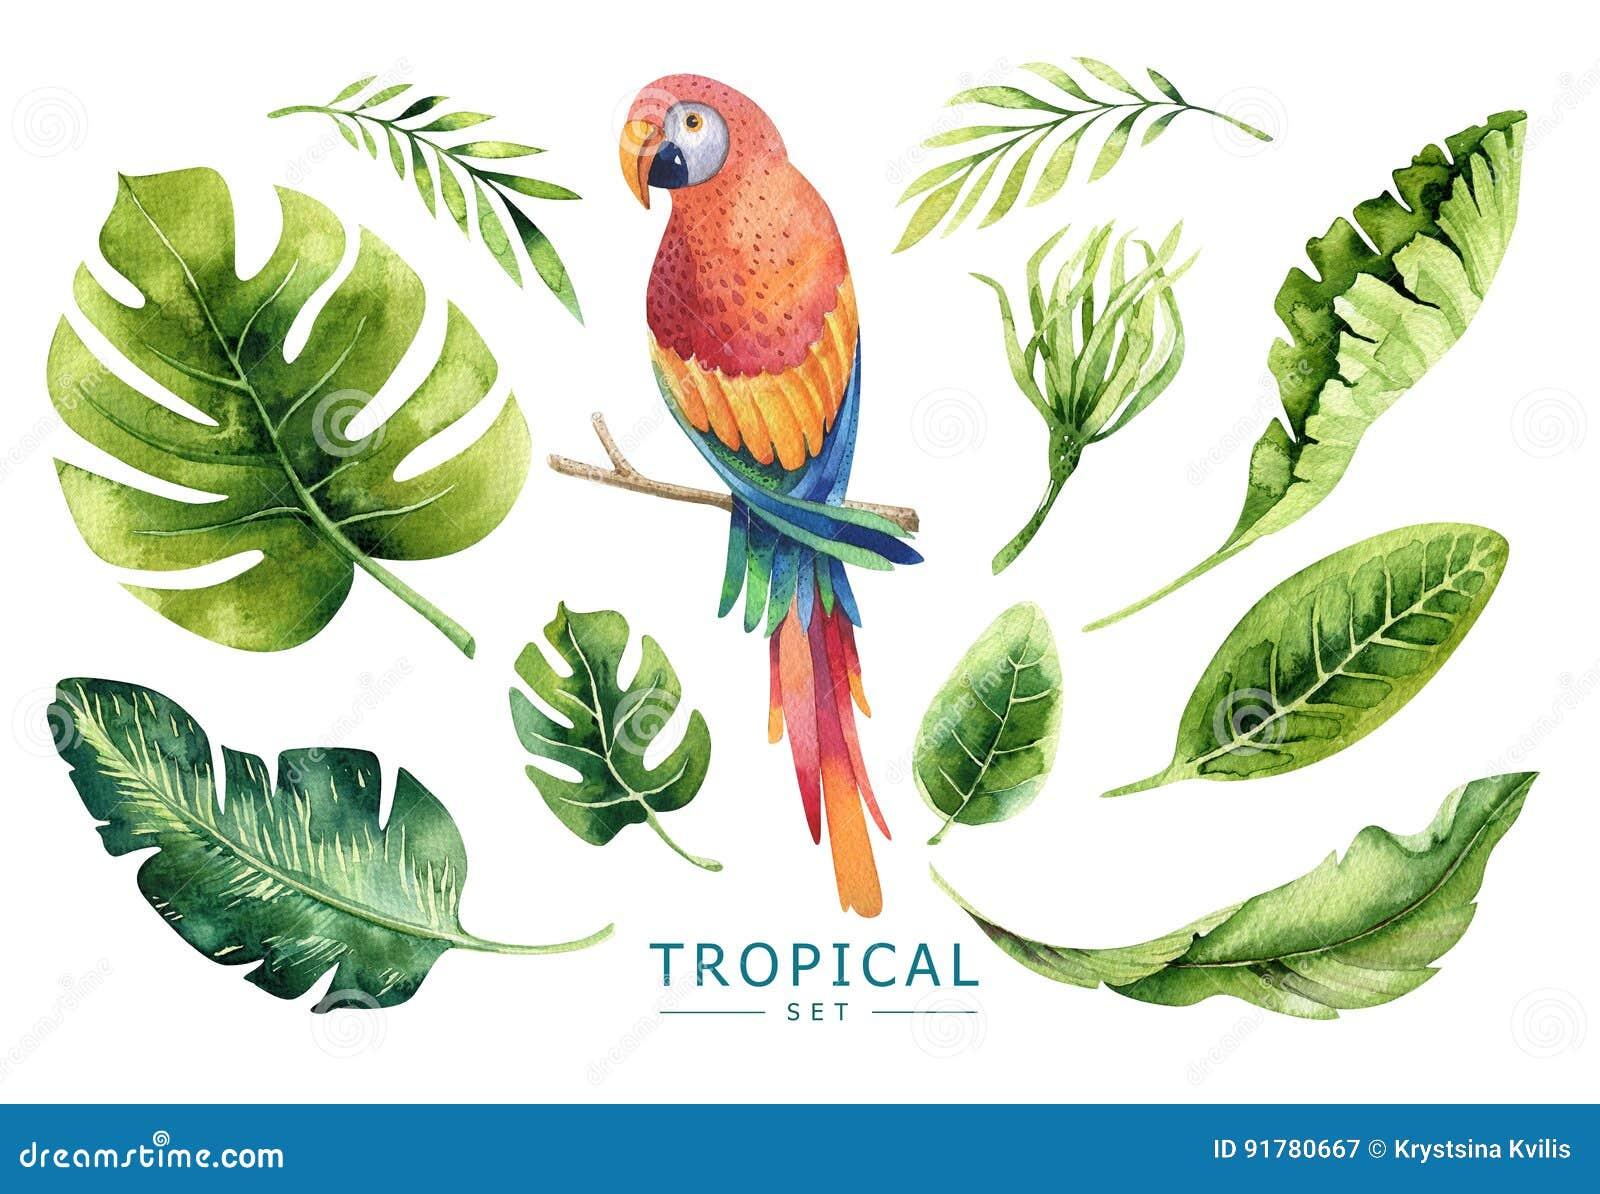 Plantas tropicales dibujadas mano de la acuarela fijadas y loro PA exótico